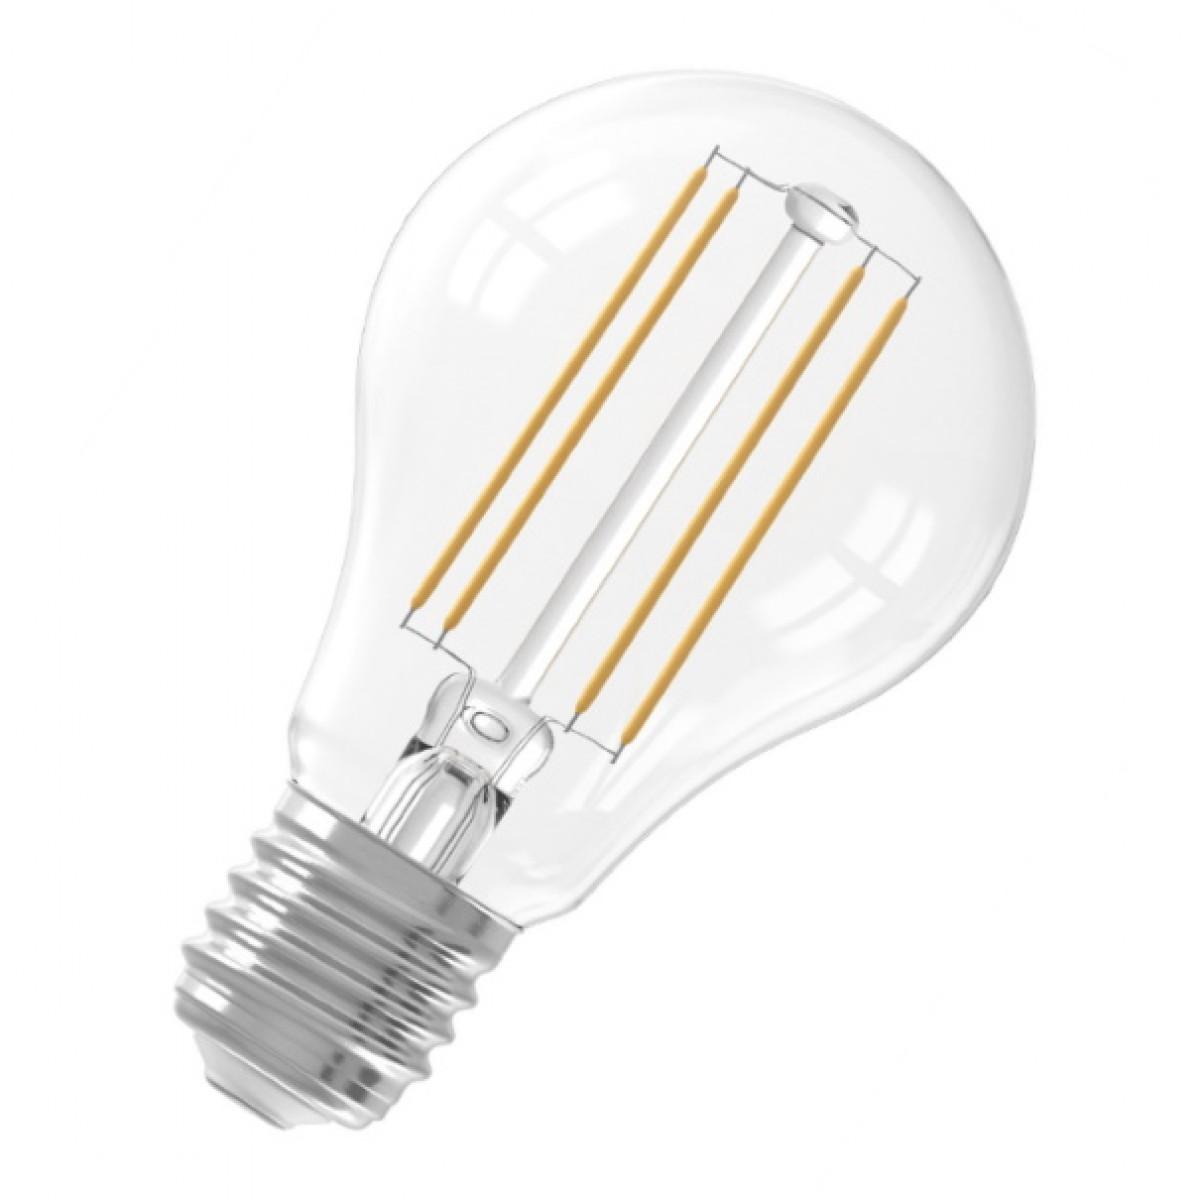 Helle LED - Leuchtmittel mit sehr hoher Lichtleistung